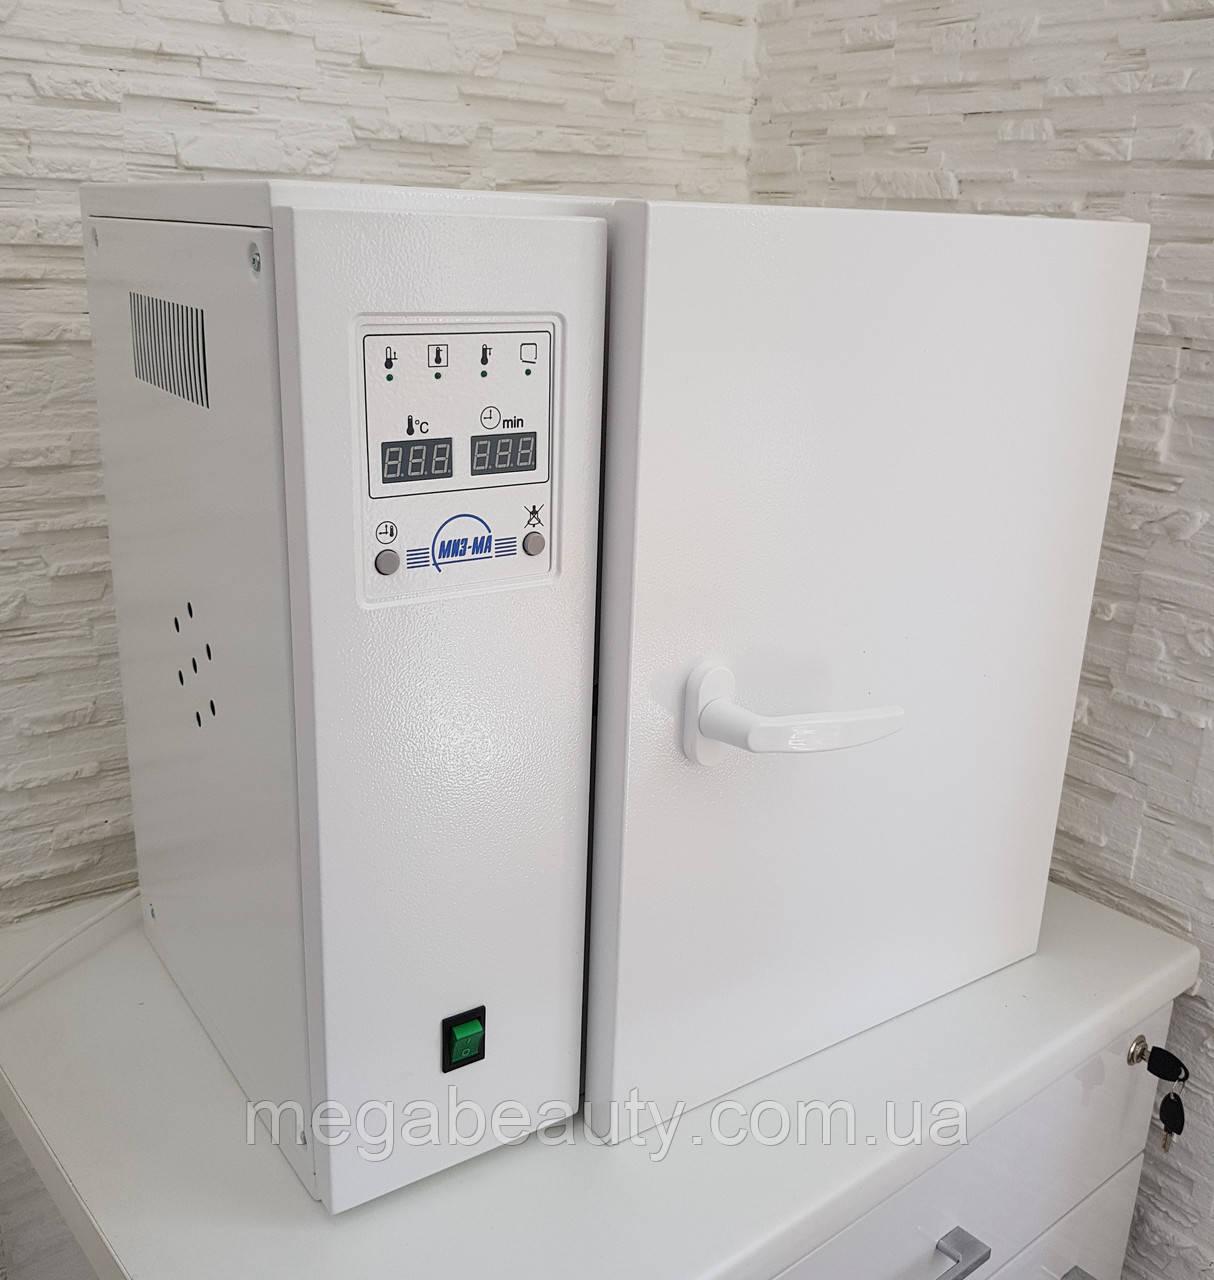 Сухожаровый шкаф для инструментов ГП 40 (Украина)